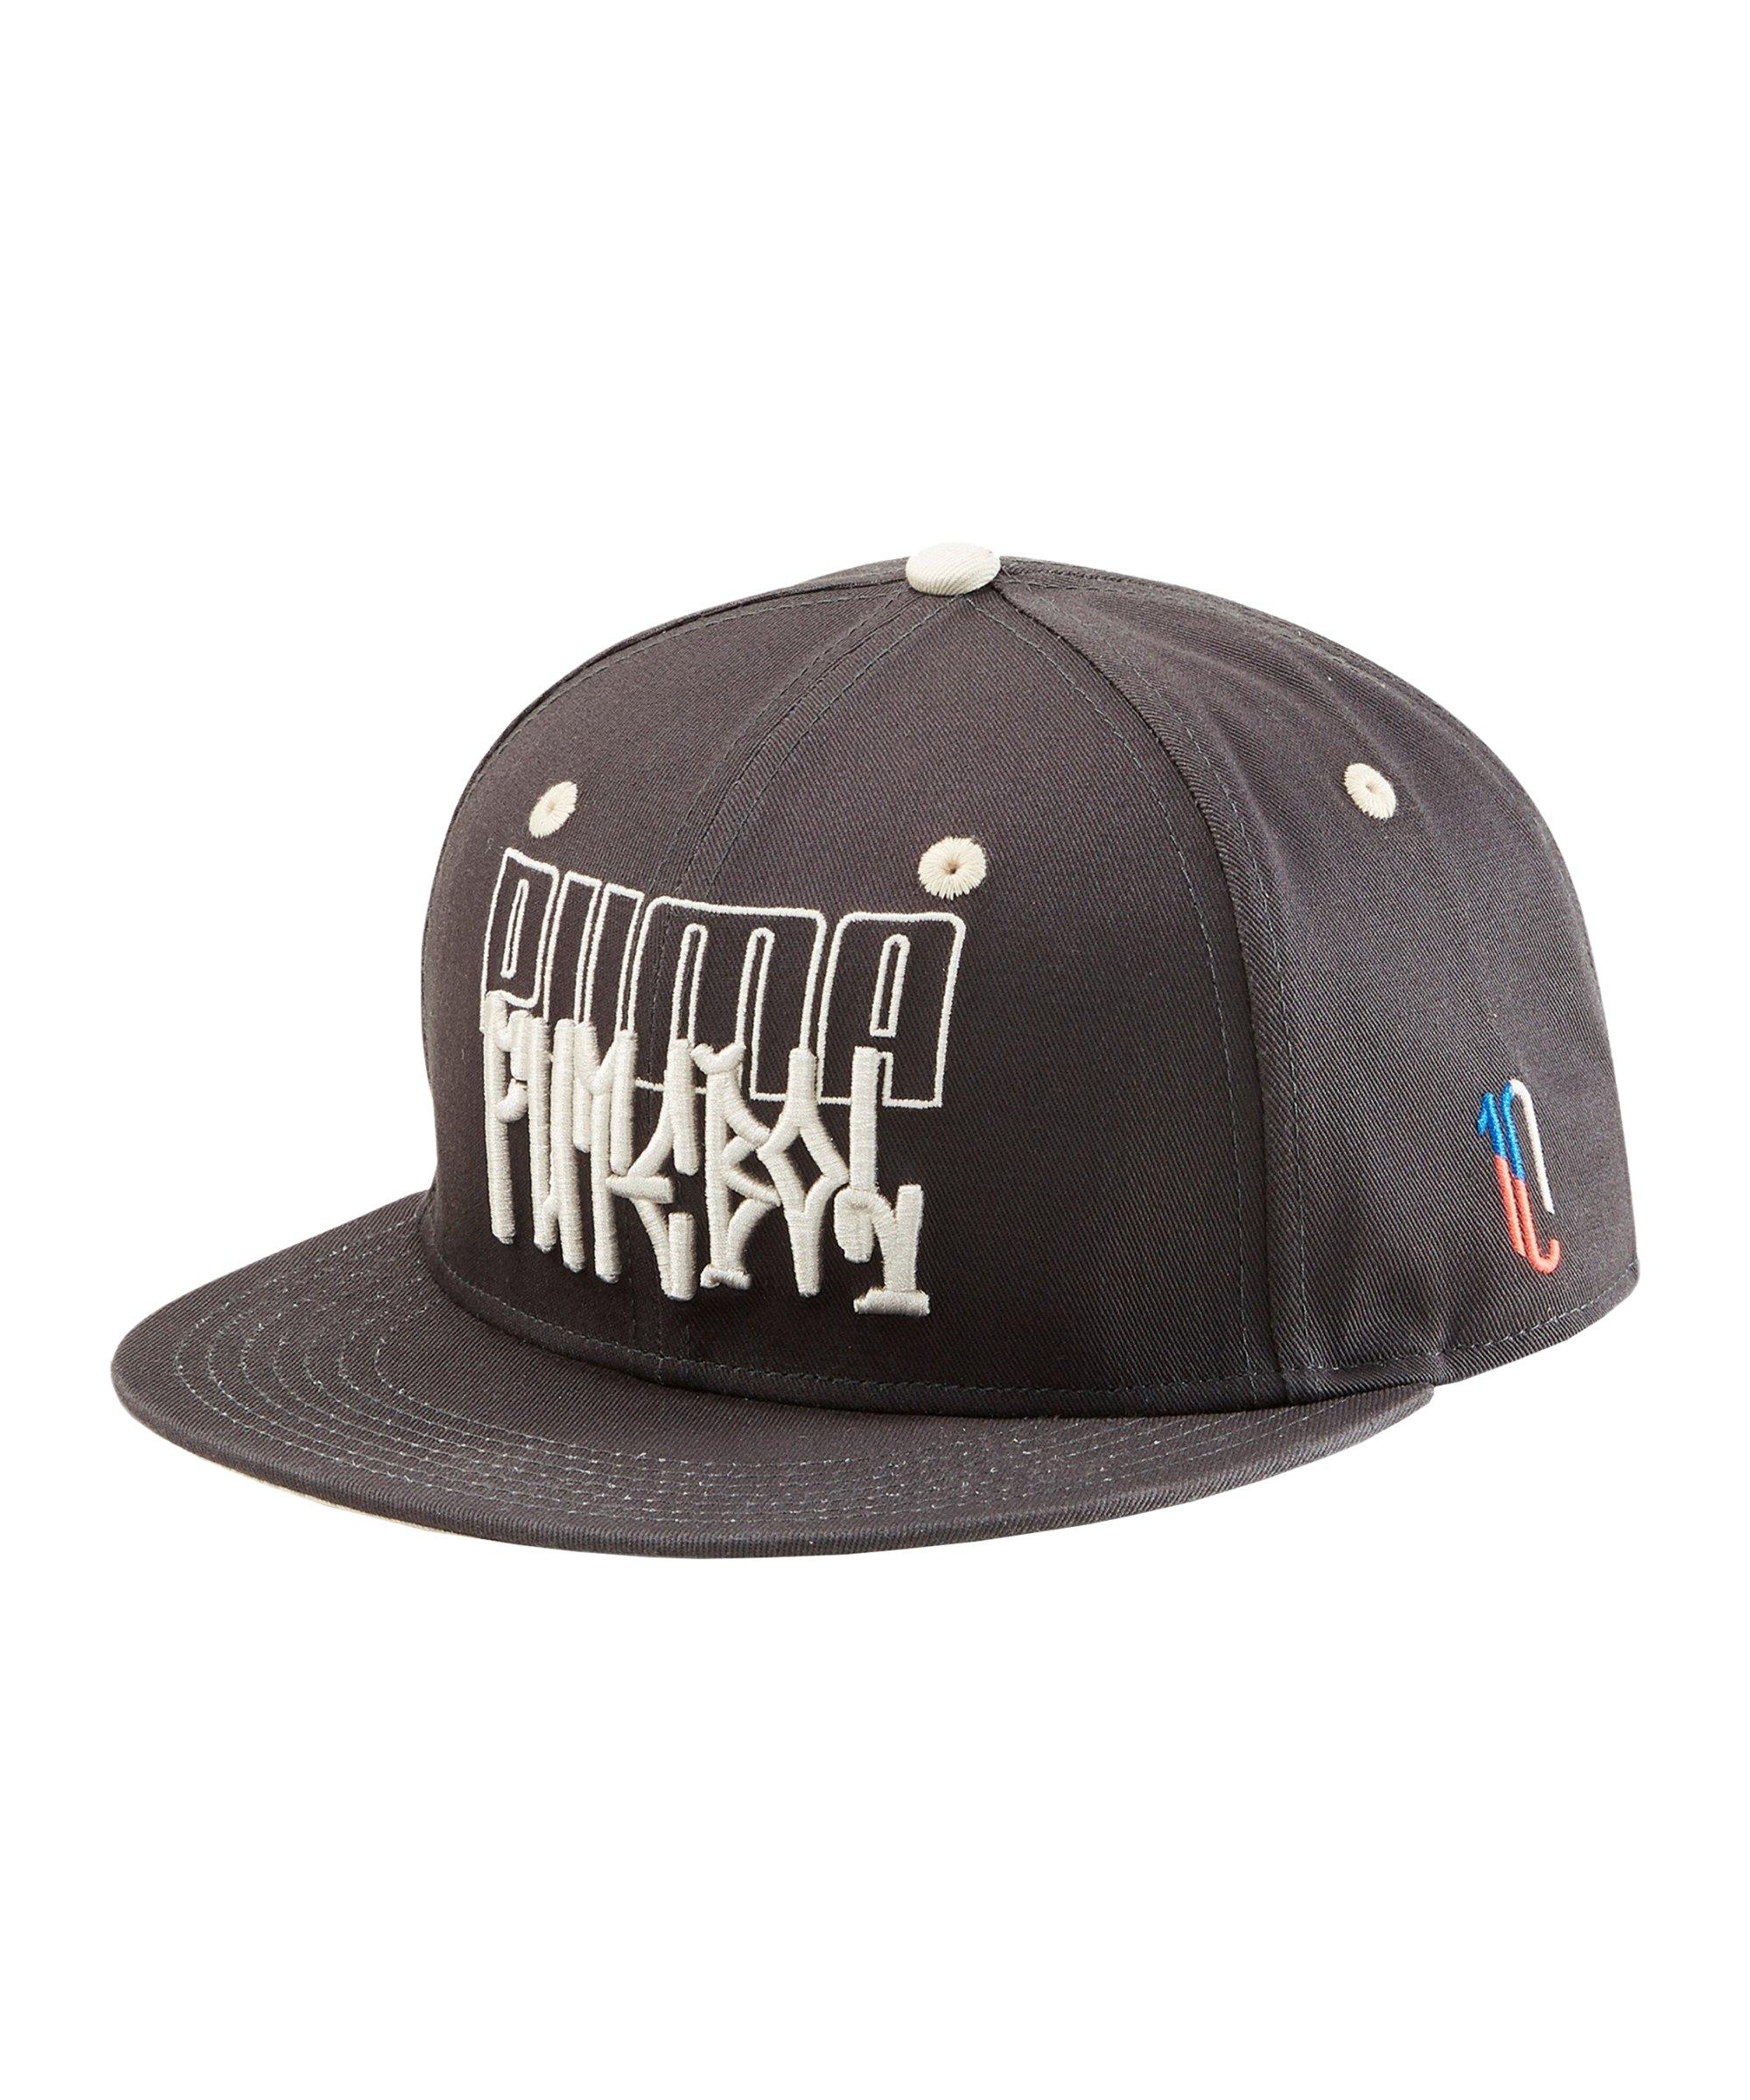 PUMA NJR Flar Brim Cap Schwarz Grau F01 - schwarz